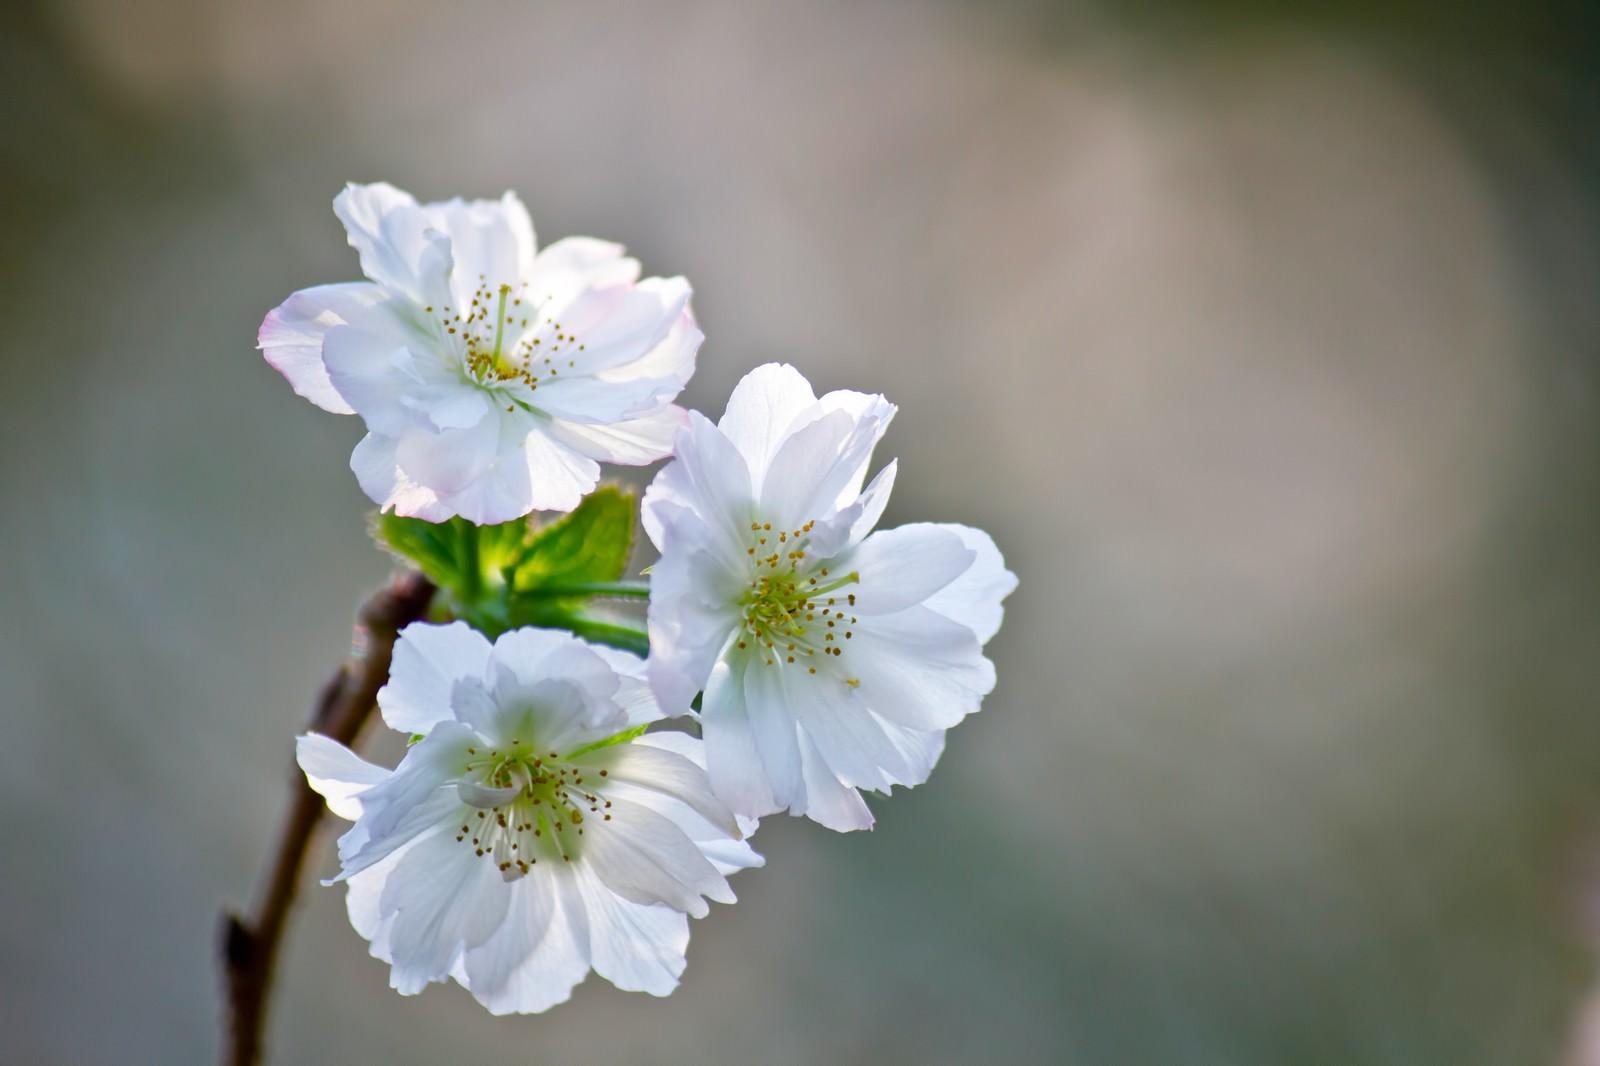 「花開くジュガツザクラ」の写真